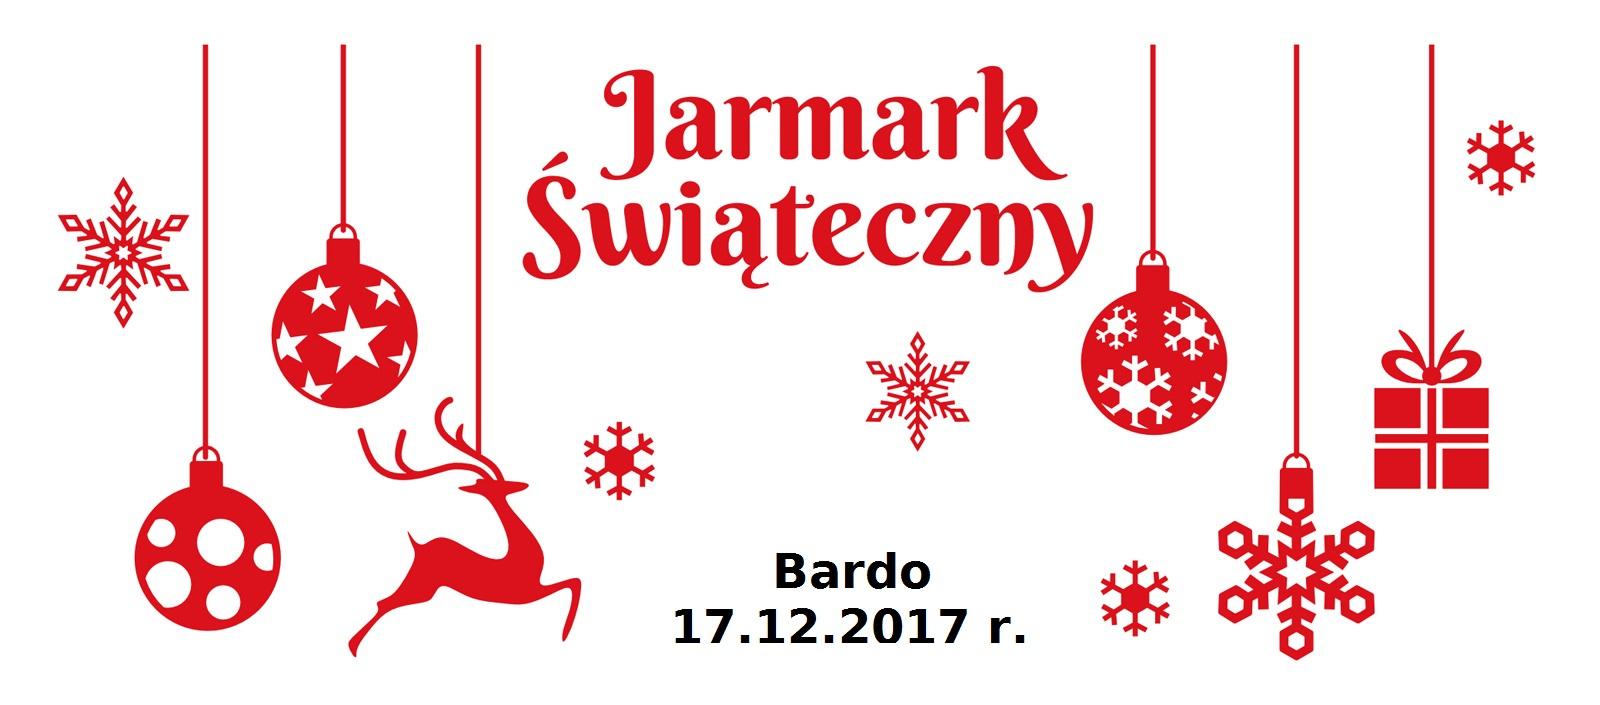 Jarmark Świąteczny 2017